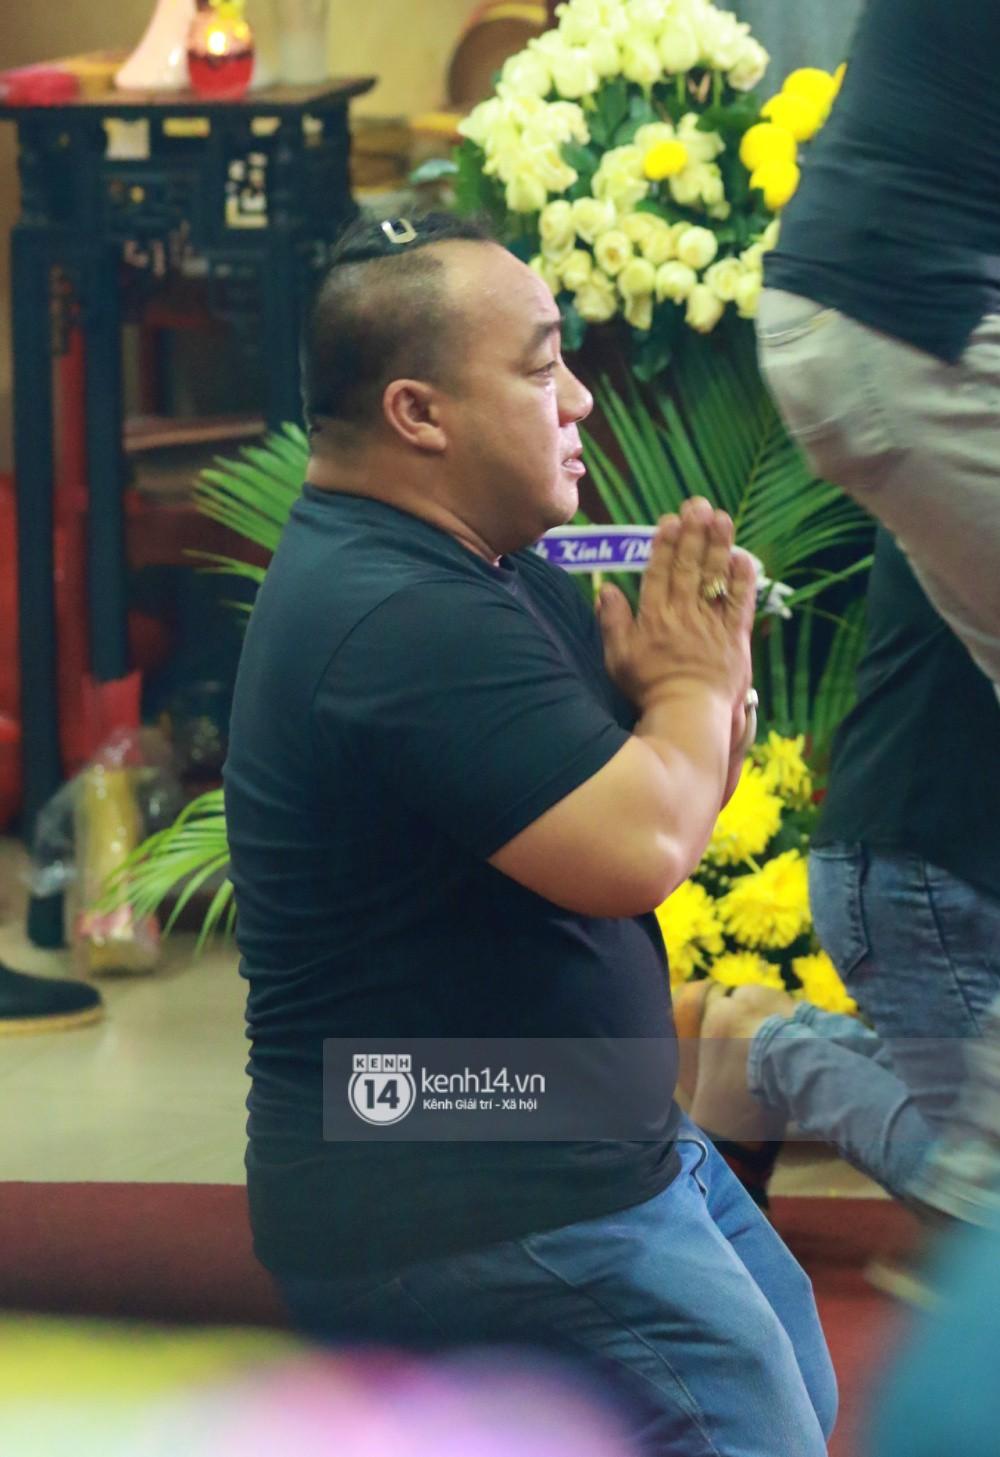 Đêm cuối cùng đám tang cố diễn viên Anh Vũ: Nghệ sĩ lặng người, không giấu được xúc động trước linh cữu-7